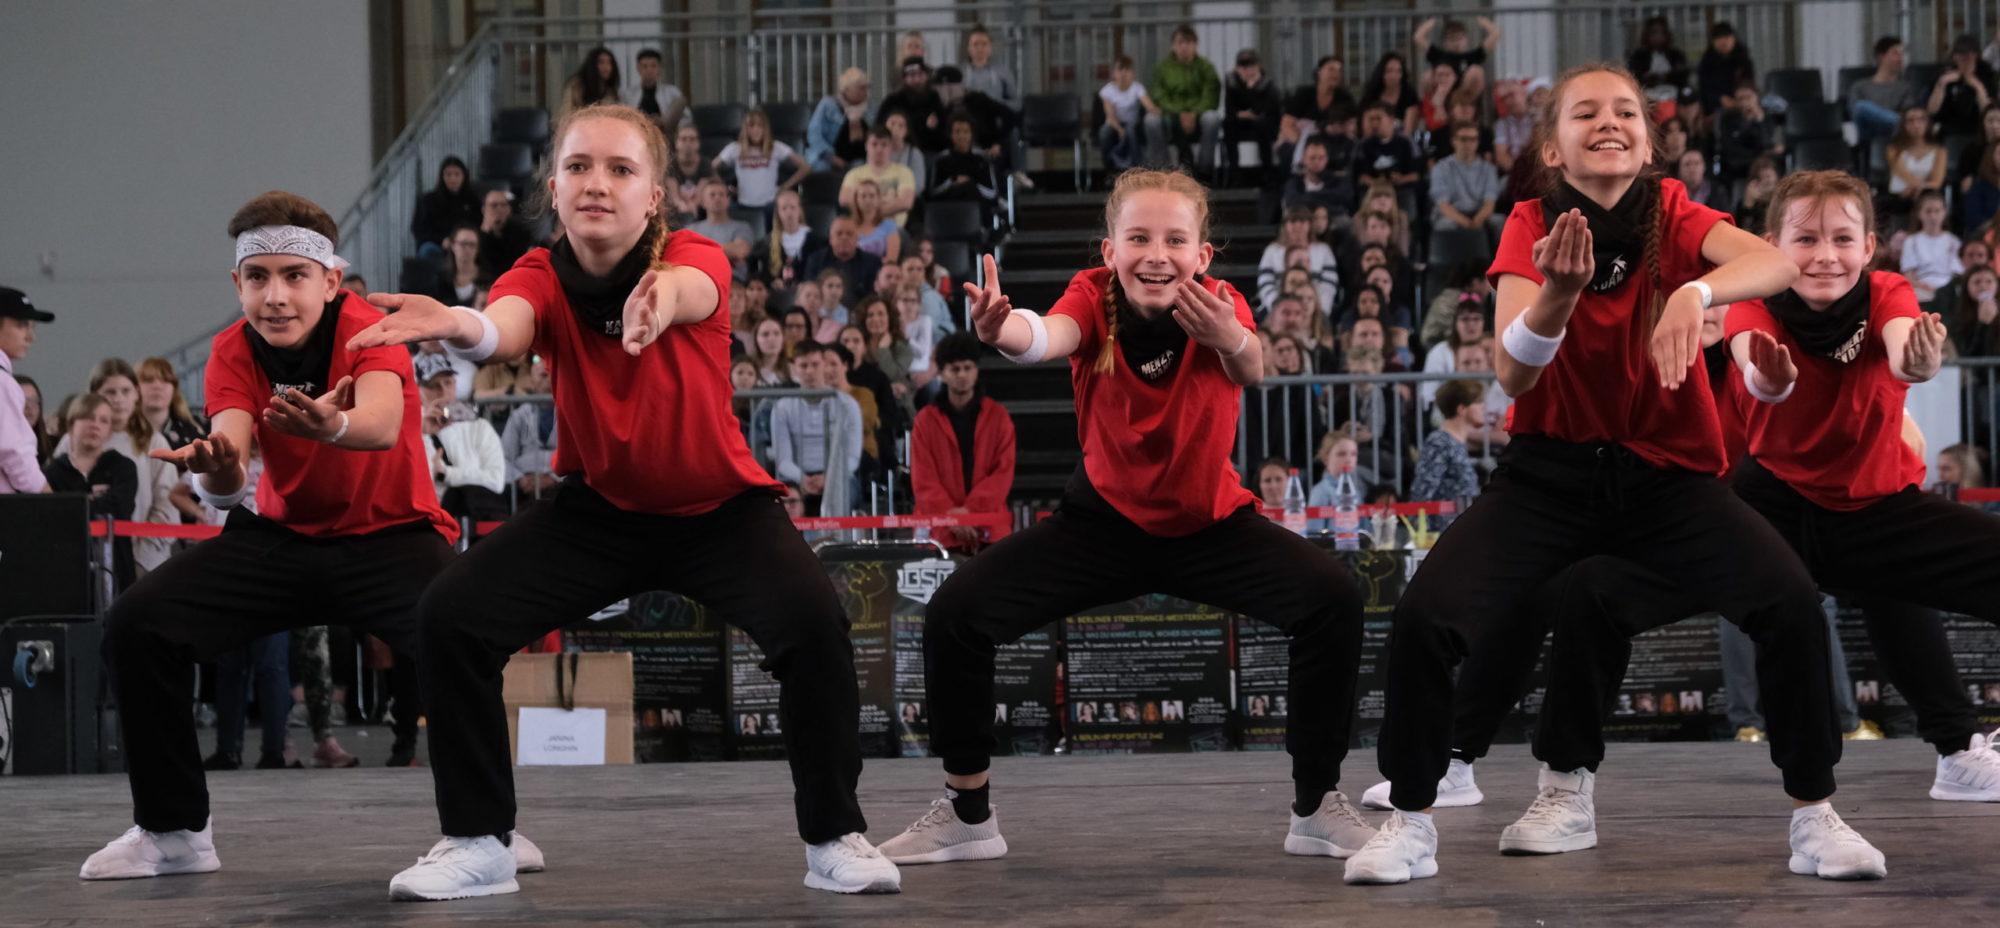 Berliner Streetdance Meisterschaft